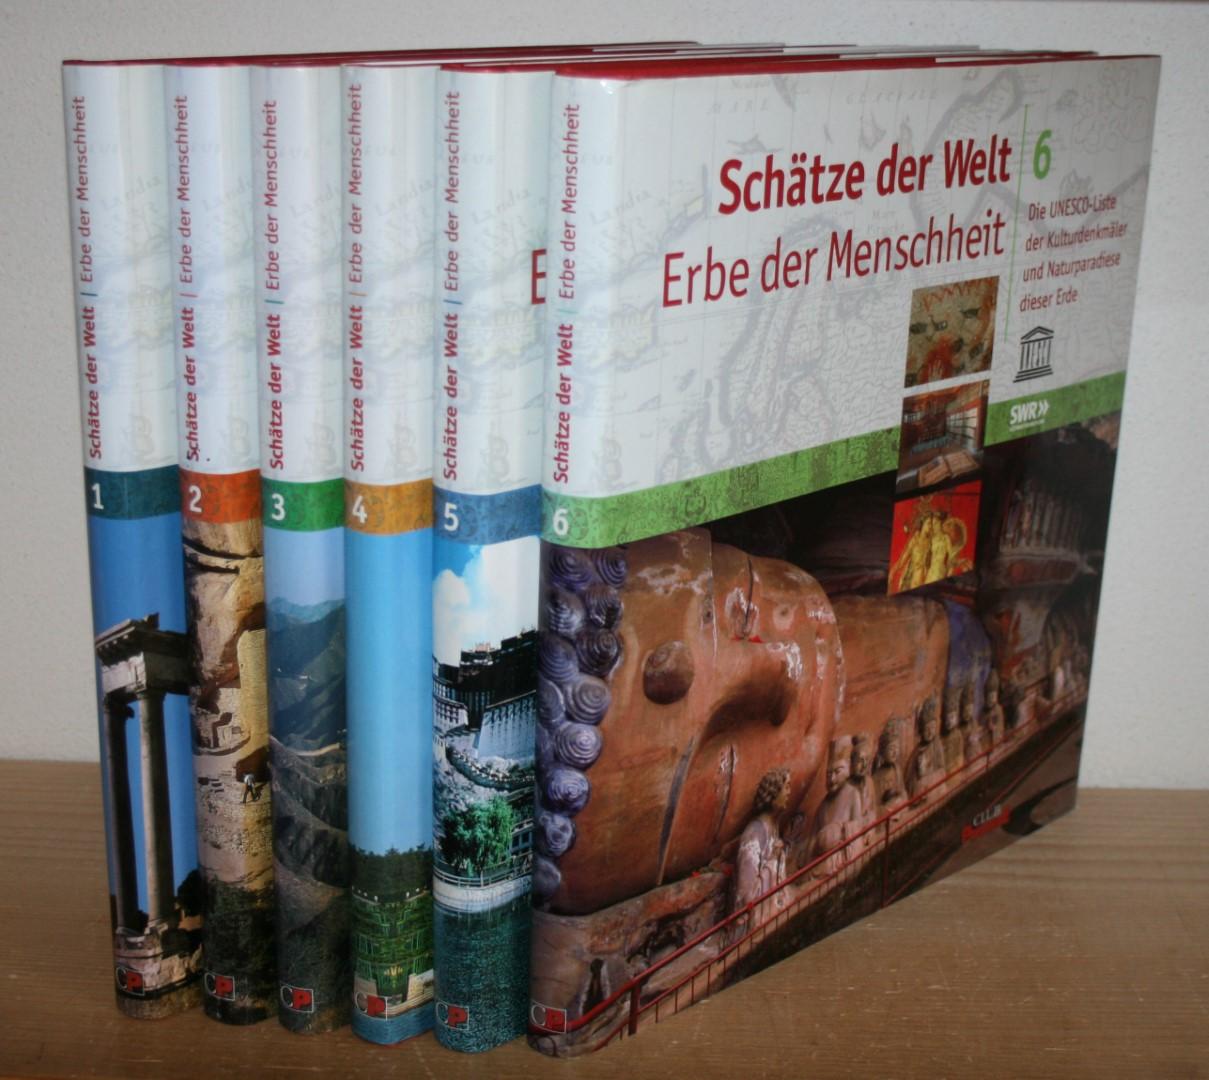 Schätze der Welt - Erbe der Menschheit. Die UNESCO-Liste der Kulturdenkmäler und Naturparadiese dieser Erde. 6 Bände.